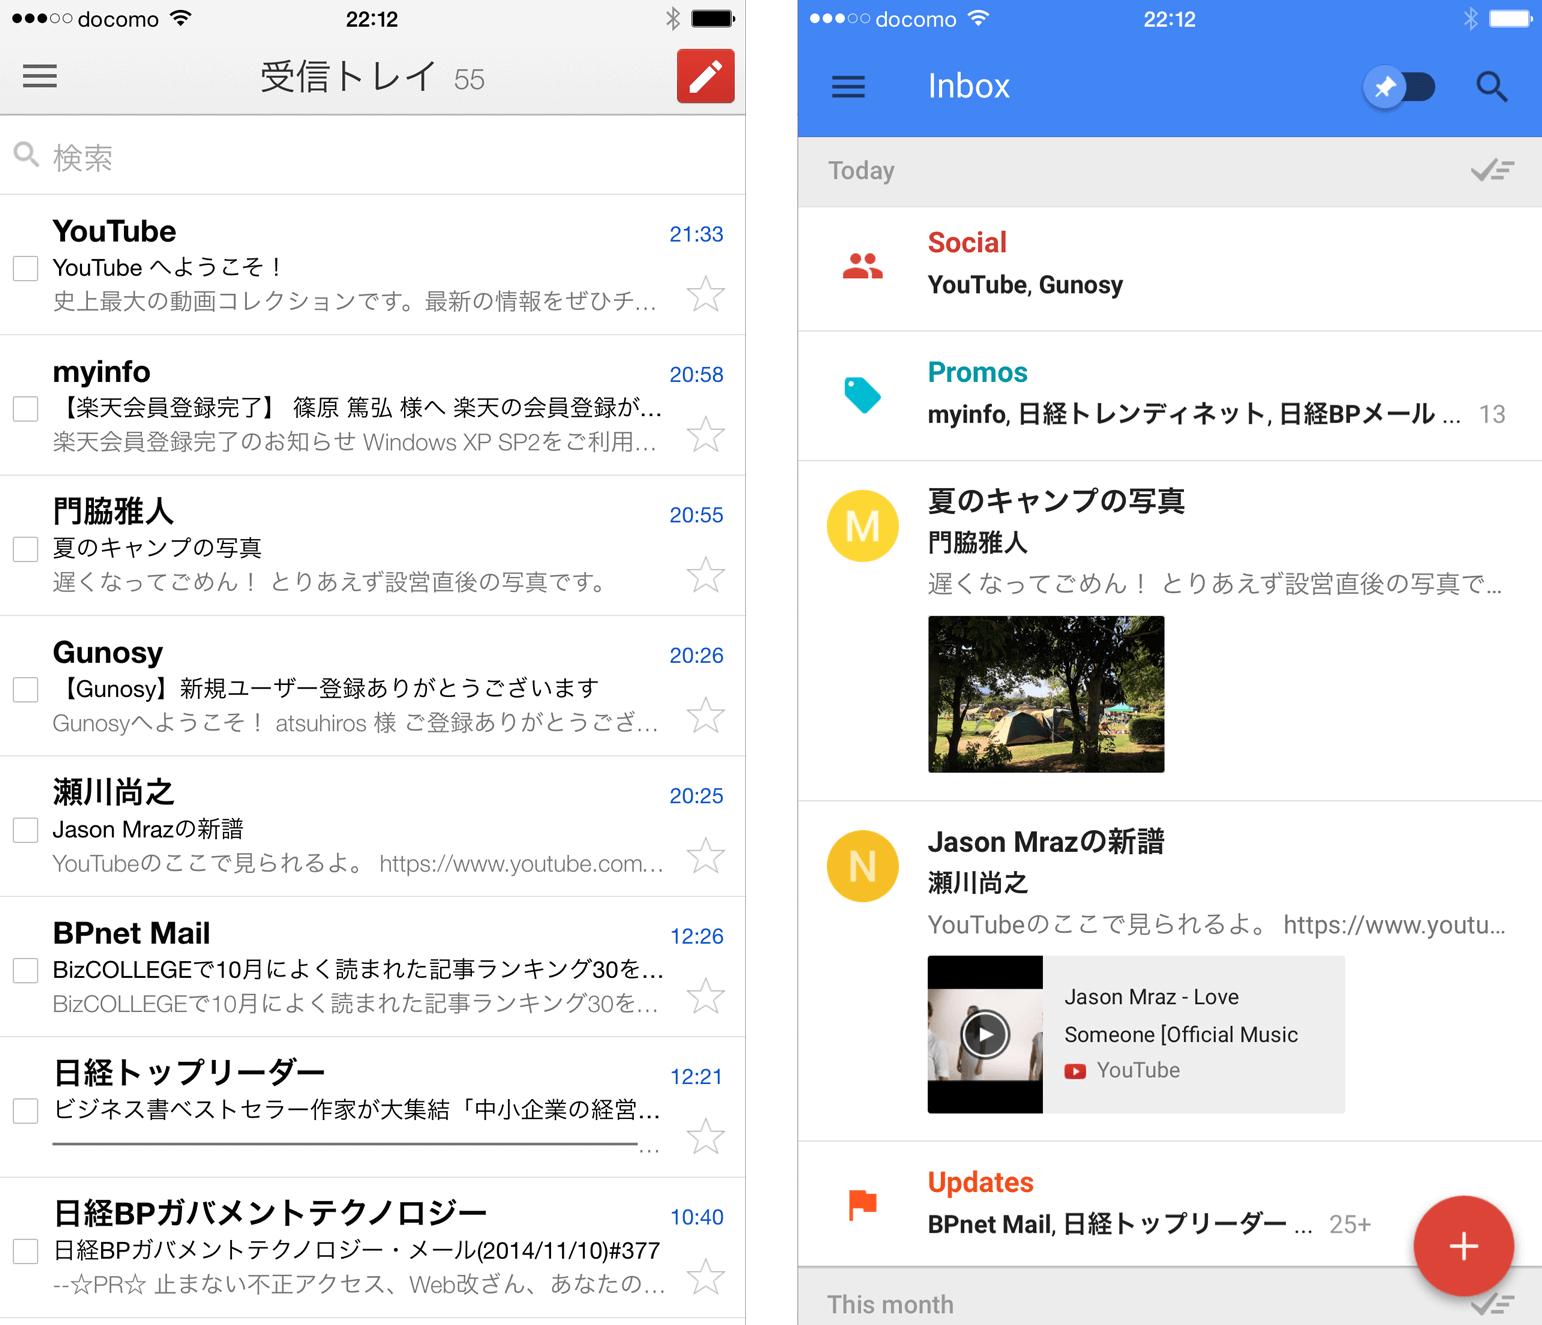 GmailとInboxのメール一覧